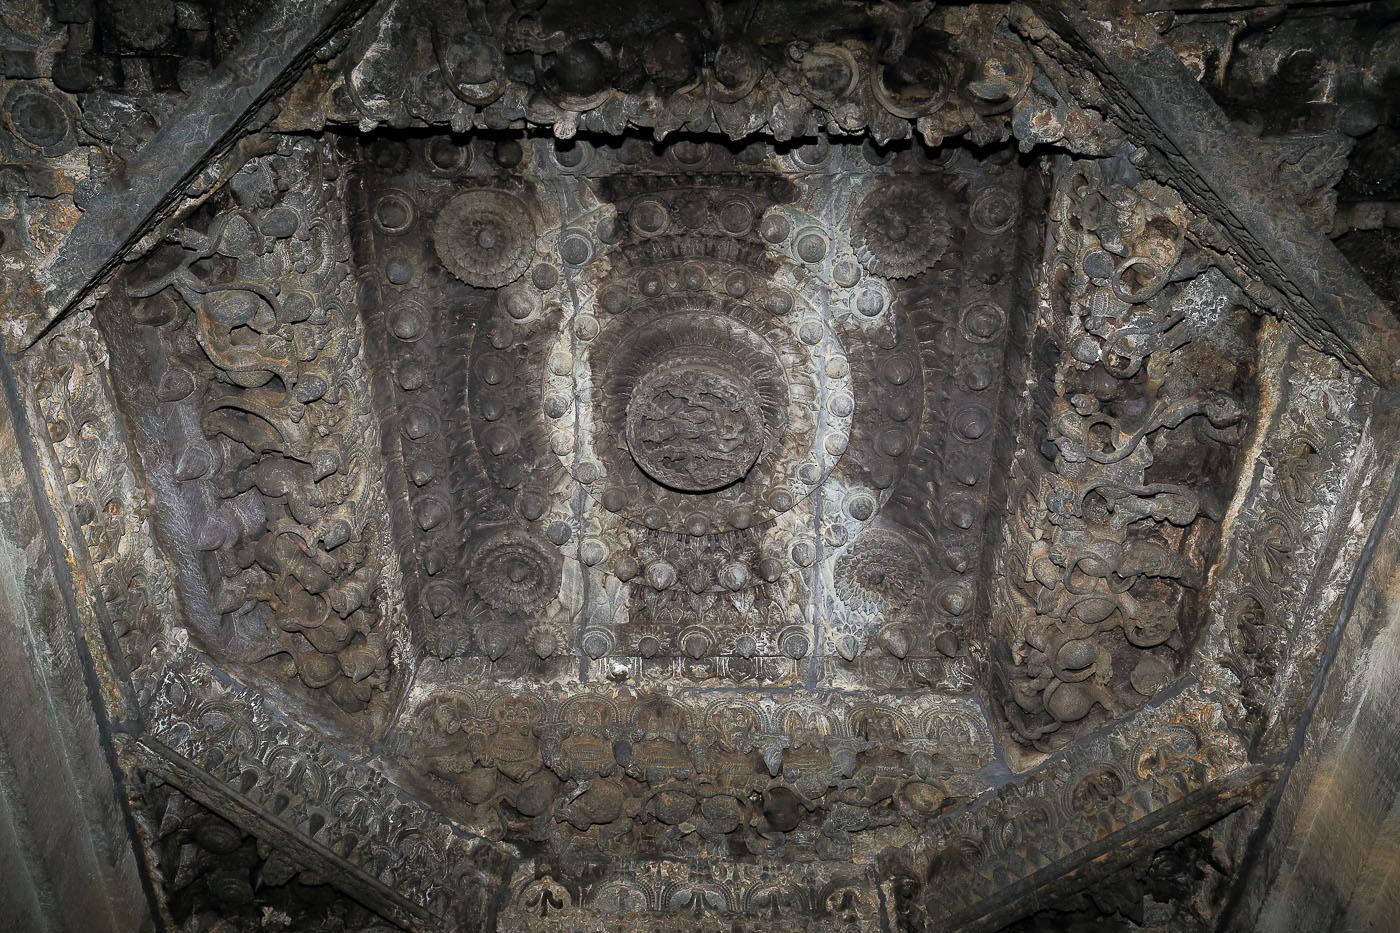 Фотография №17. Храмовый ансамбль Ченнакесава в городе Белур в штате Карнатака в Индии. Свод главного храма. 1/60, 0 eV, f 10, 26 mm, вспышка, ISO 800)